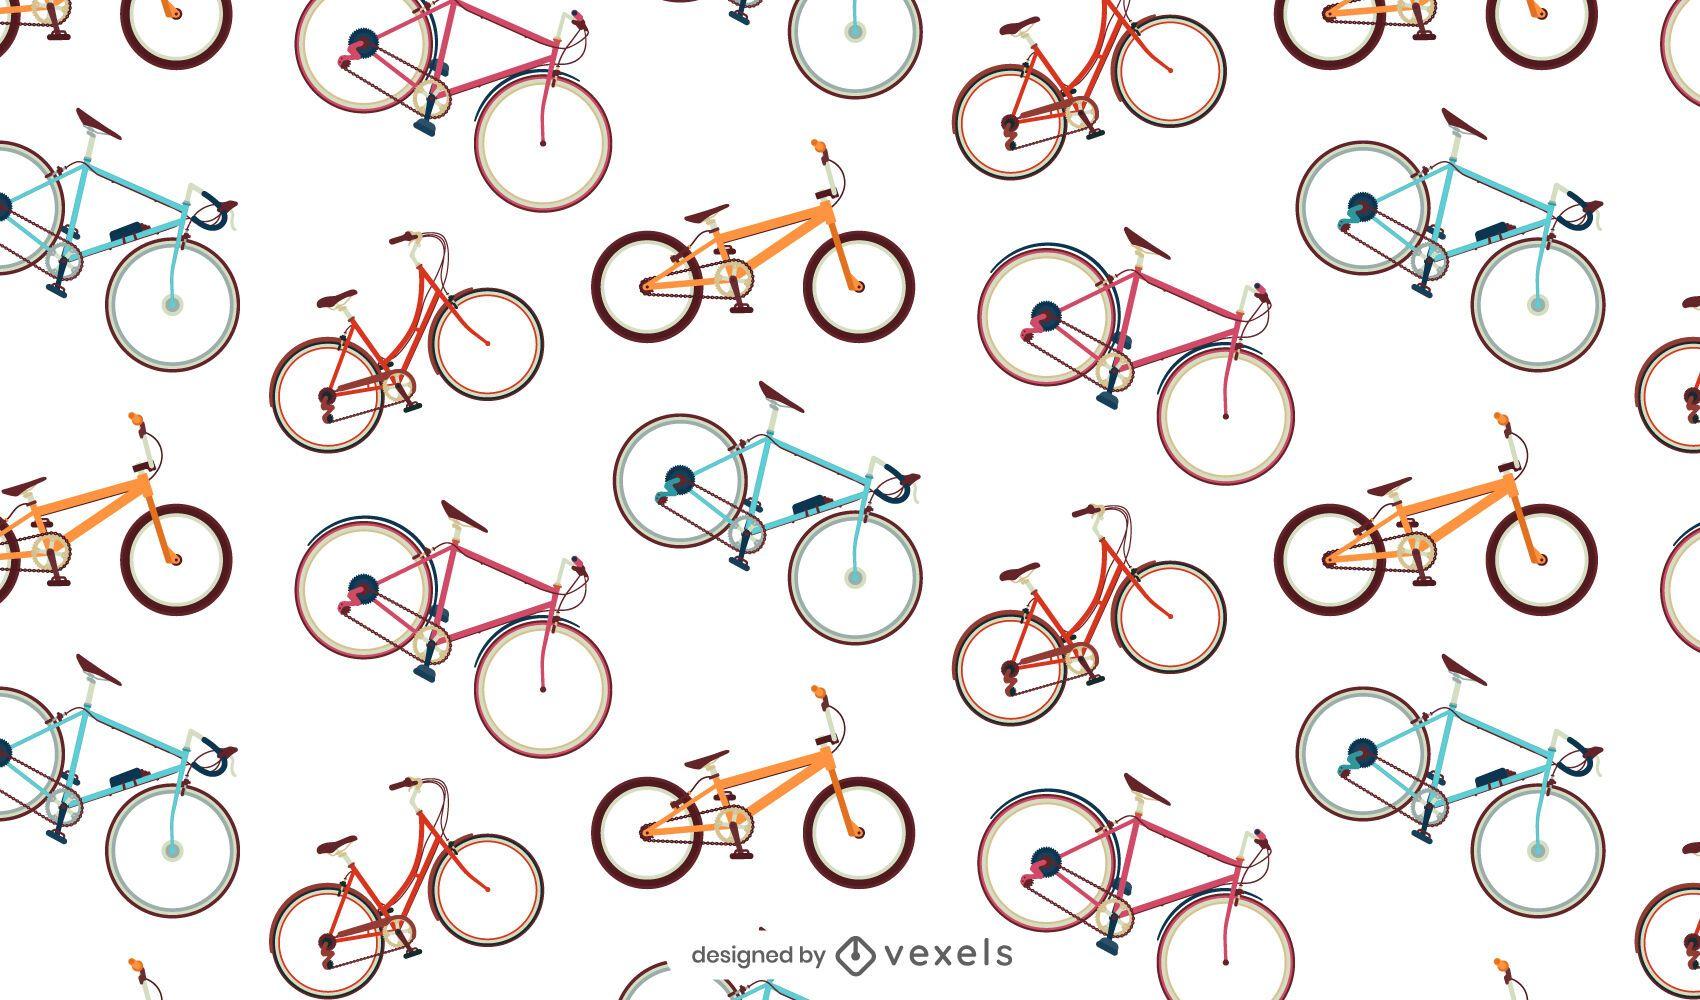 Patr?n sin fisuras de bicicletas coloridas